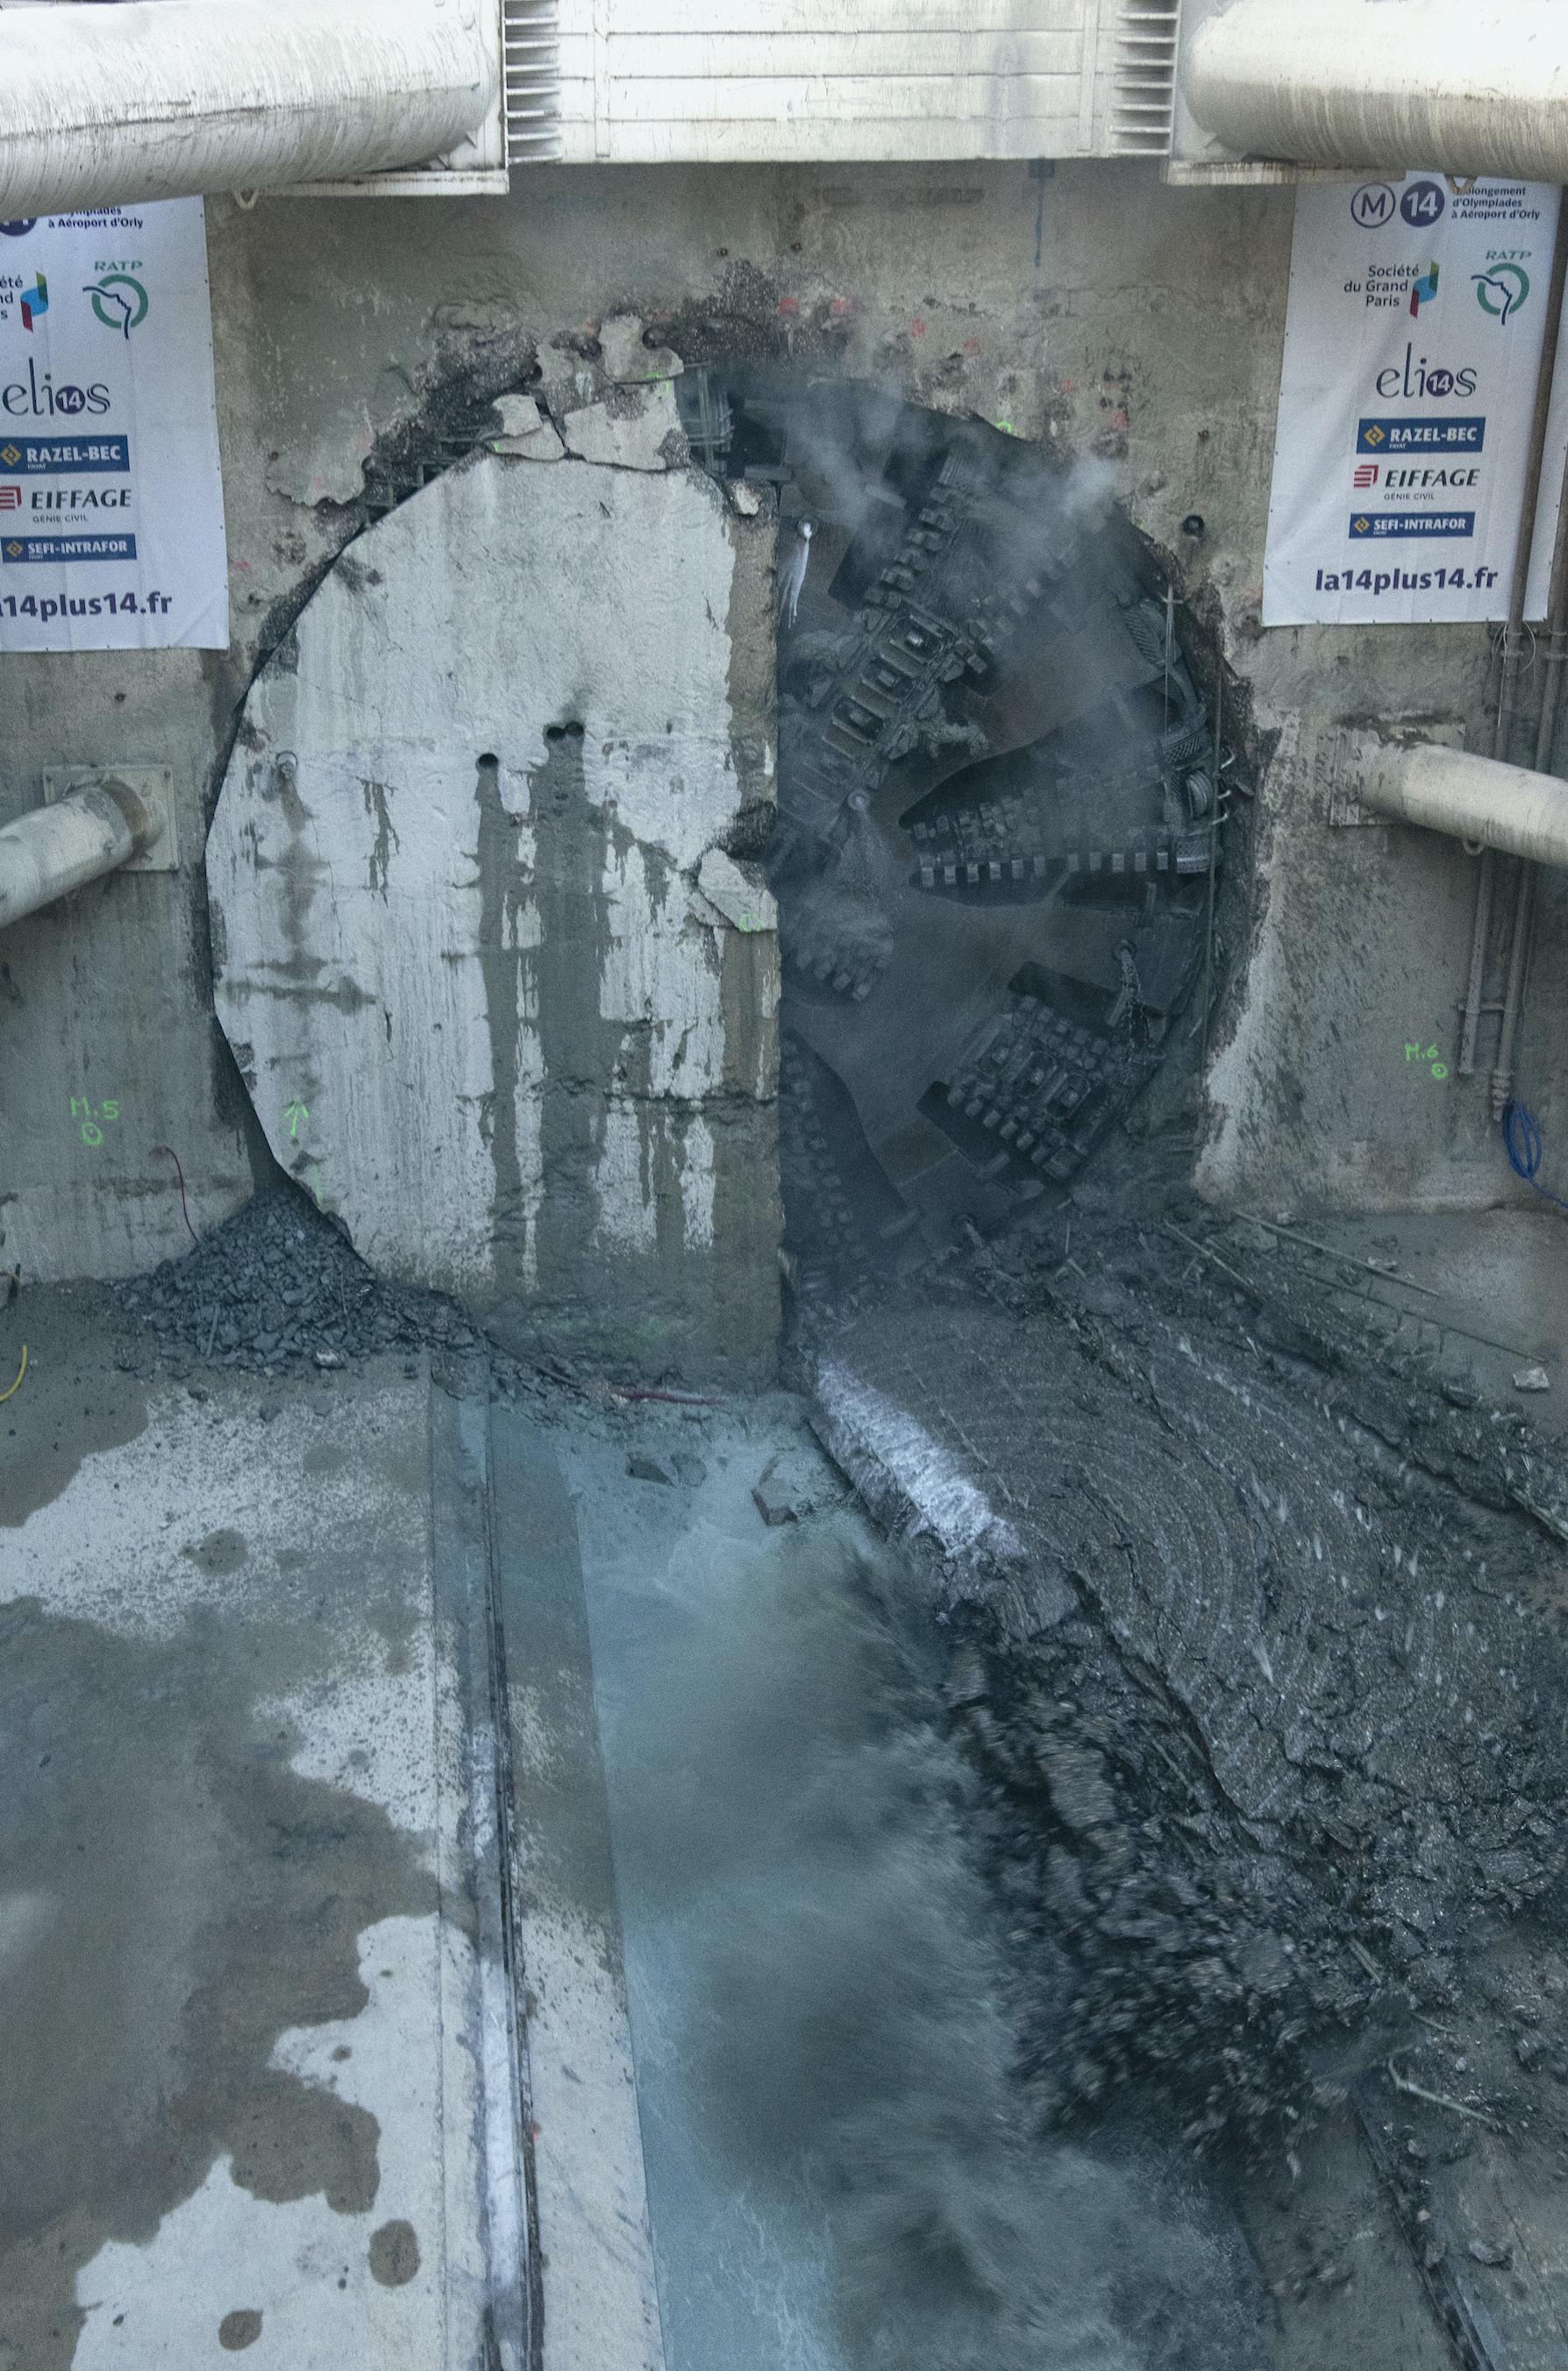 Photo du tunnelier Claire qui apparaît dans le puits Jean Prouvé, le 10 décembre 2020 à 15 h